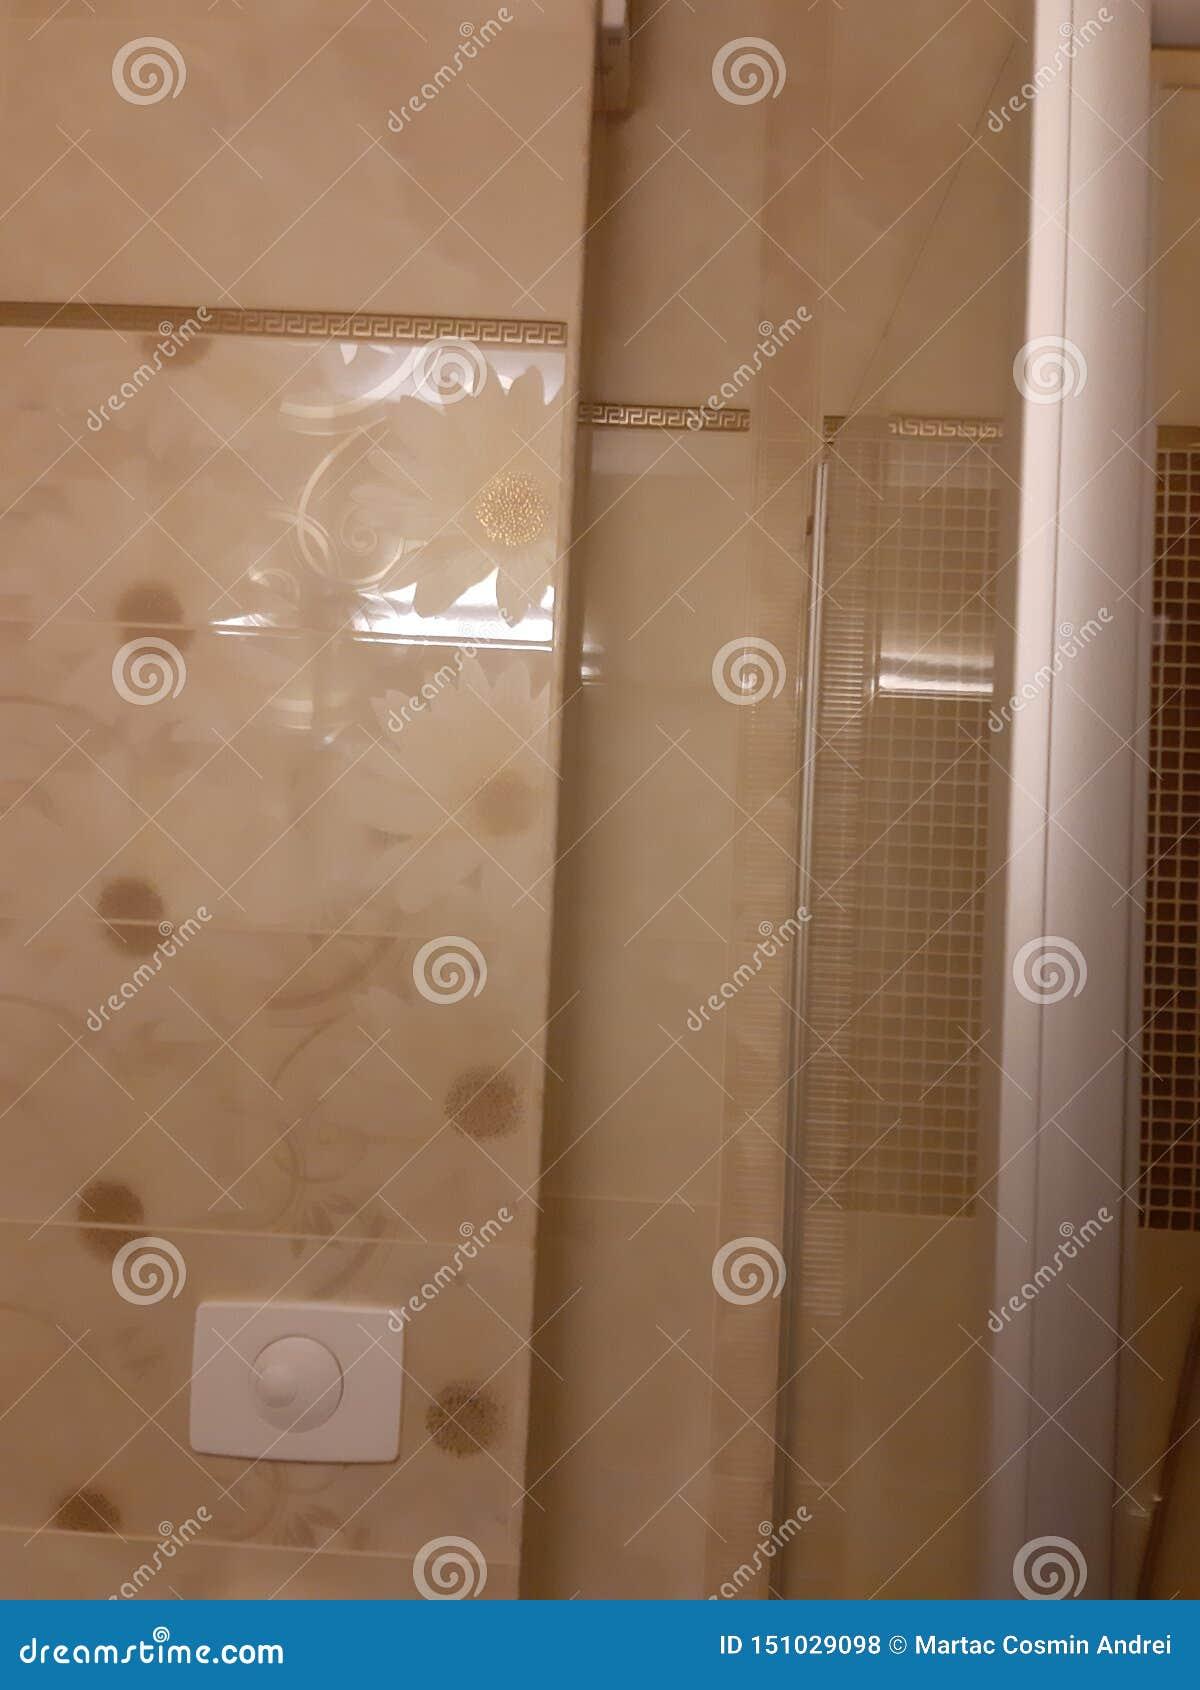 Гостиница стены Bathroom